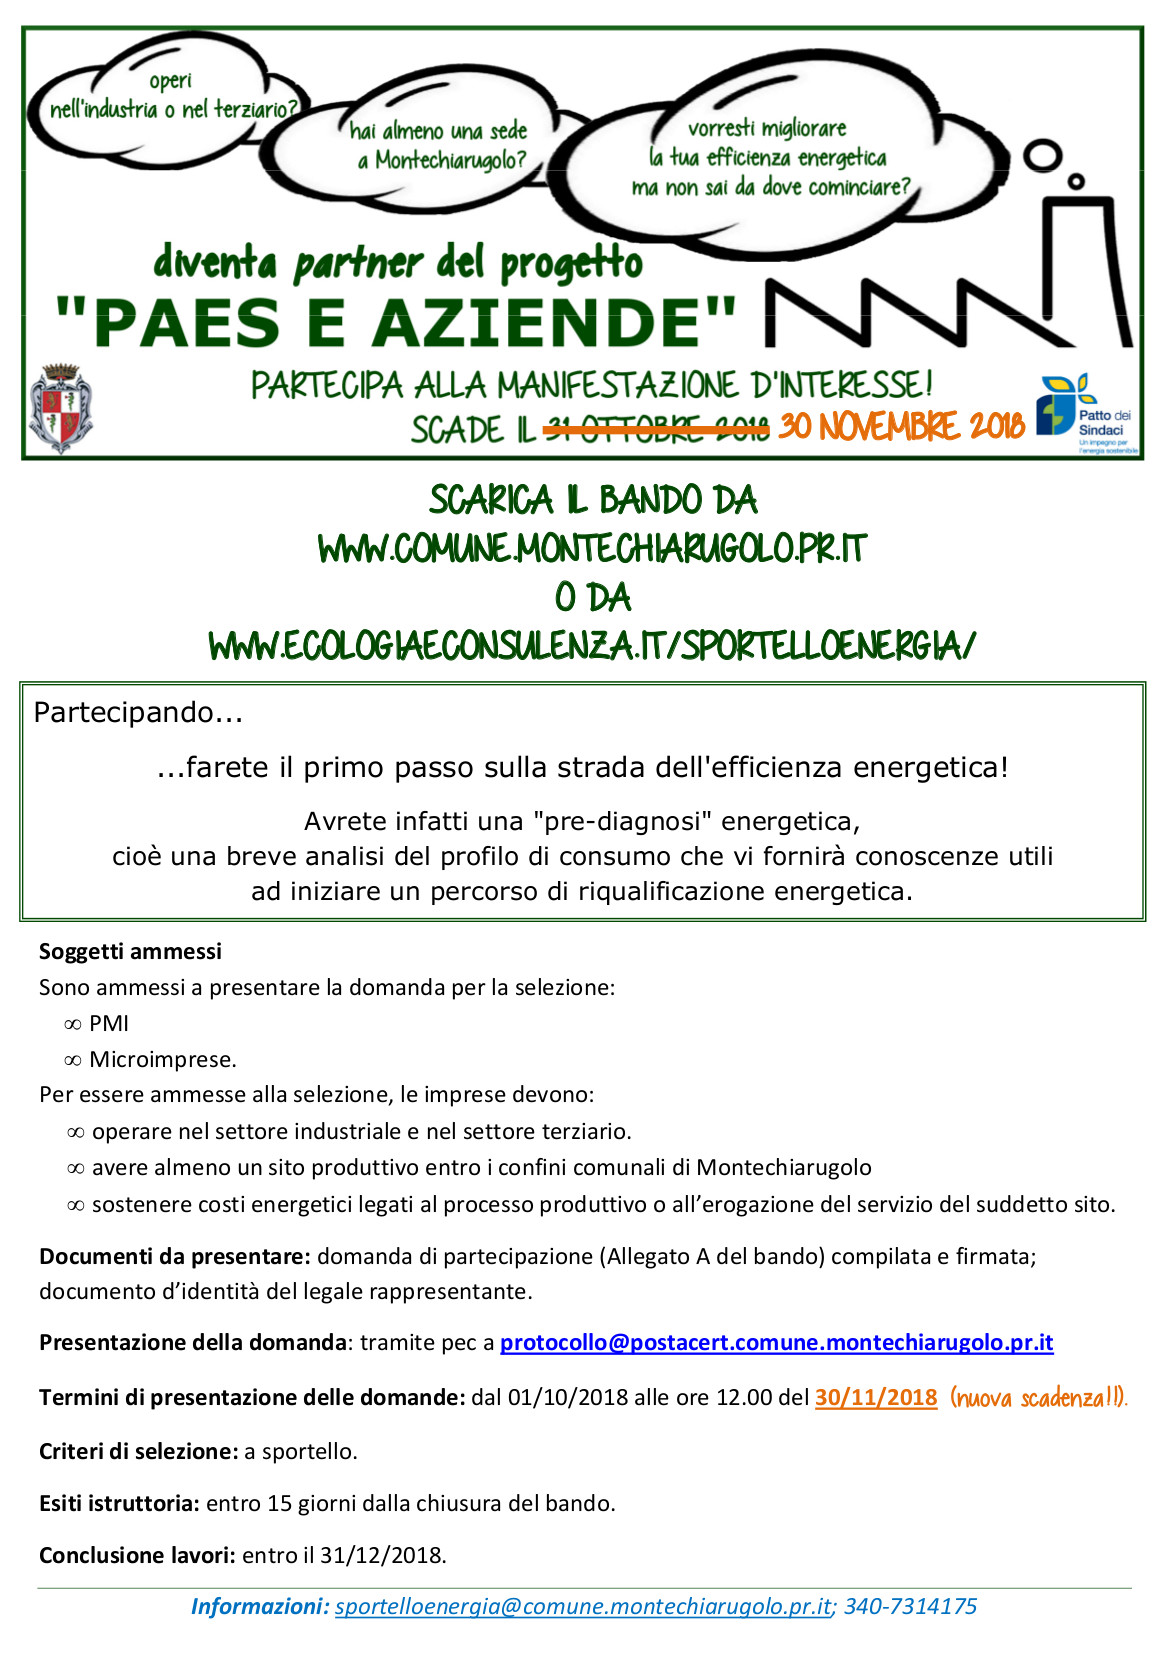 paes-e-aziende_locandina-30112018